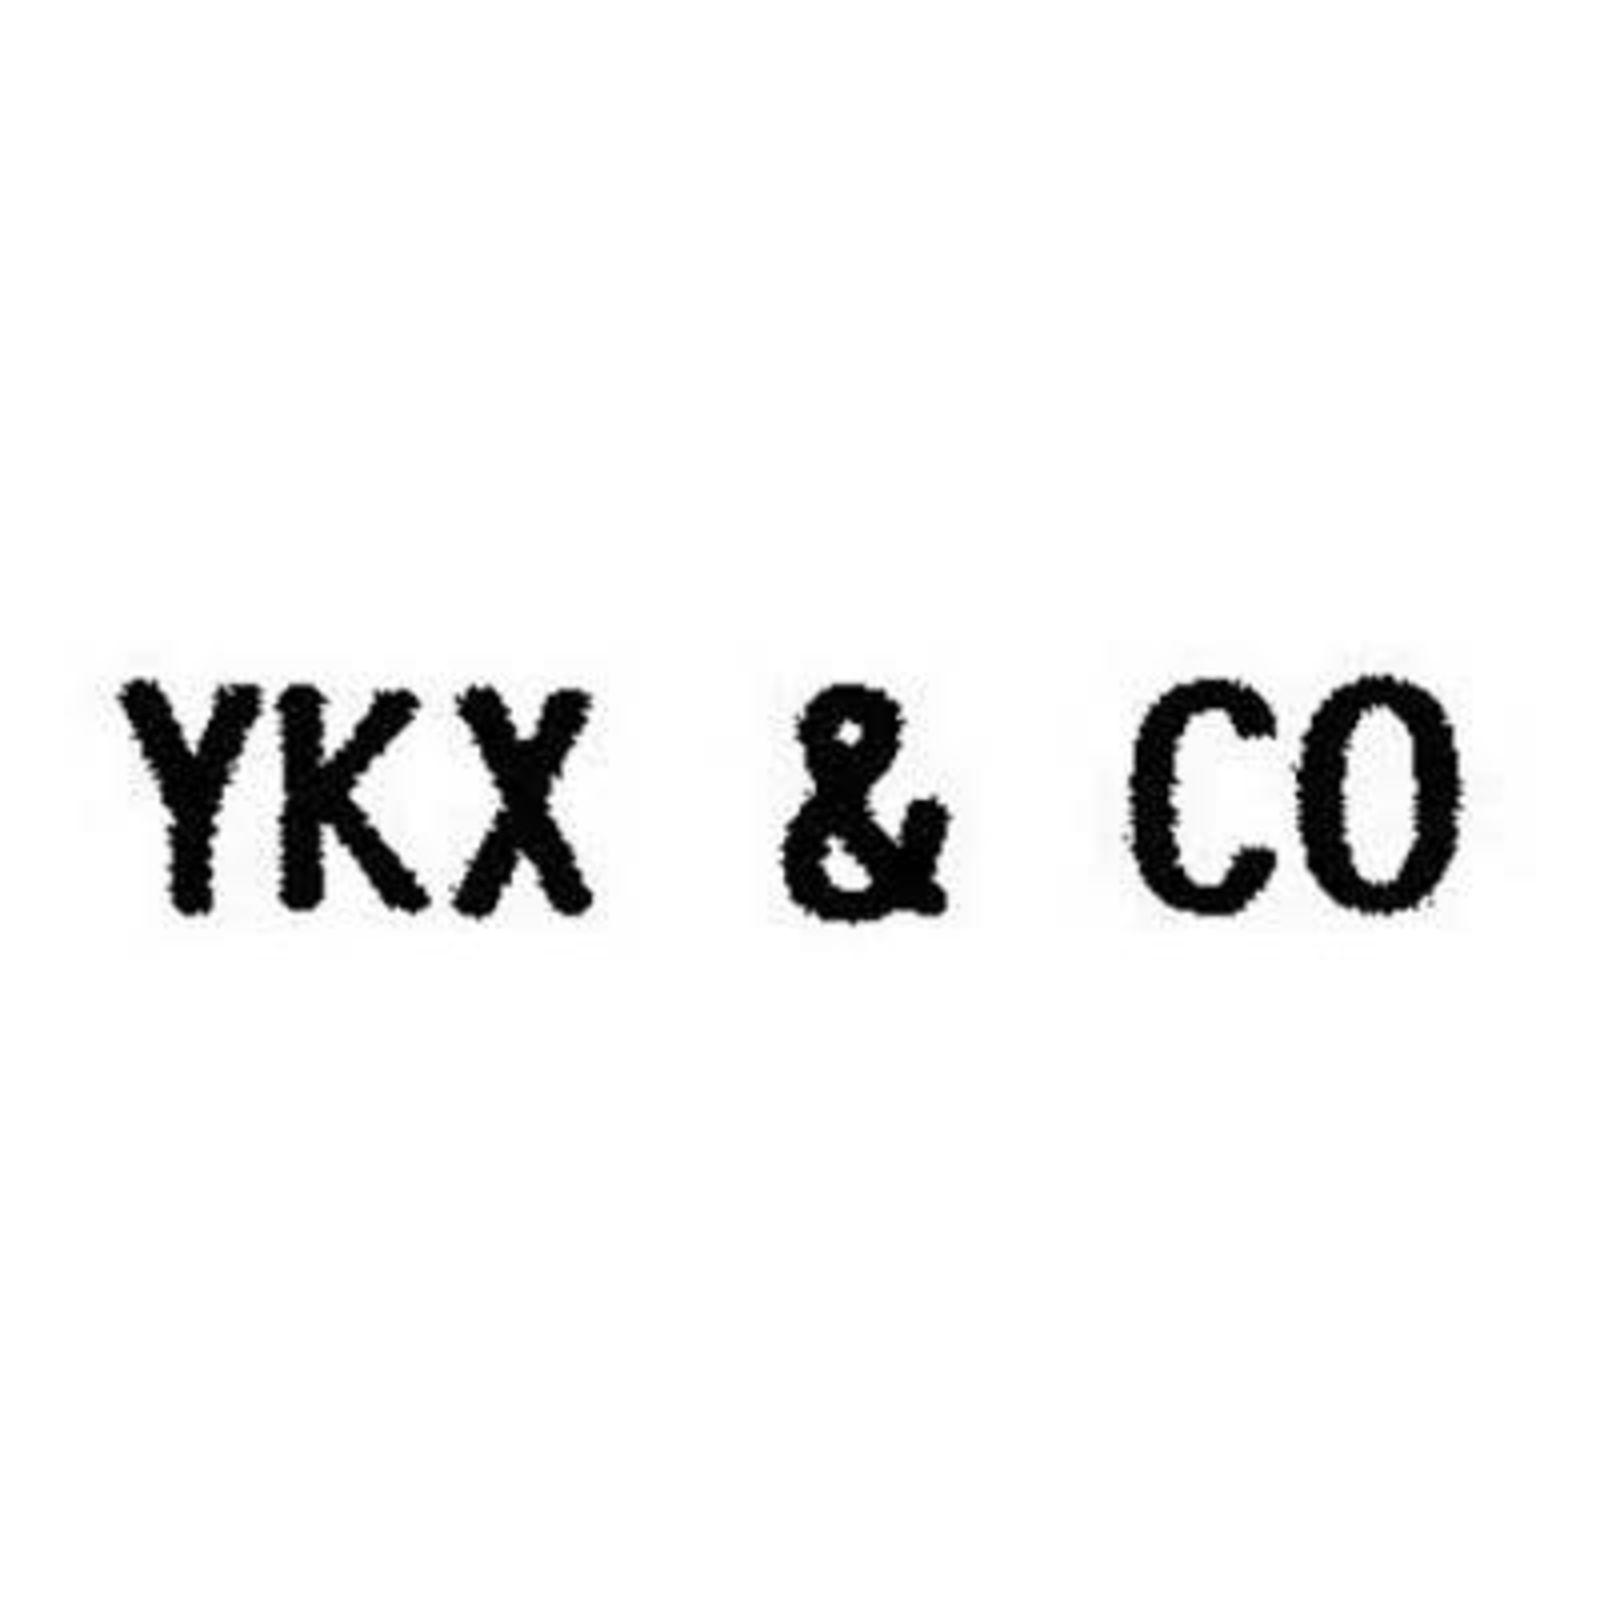 YKX & Co.